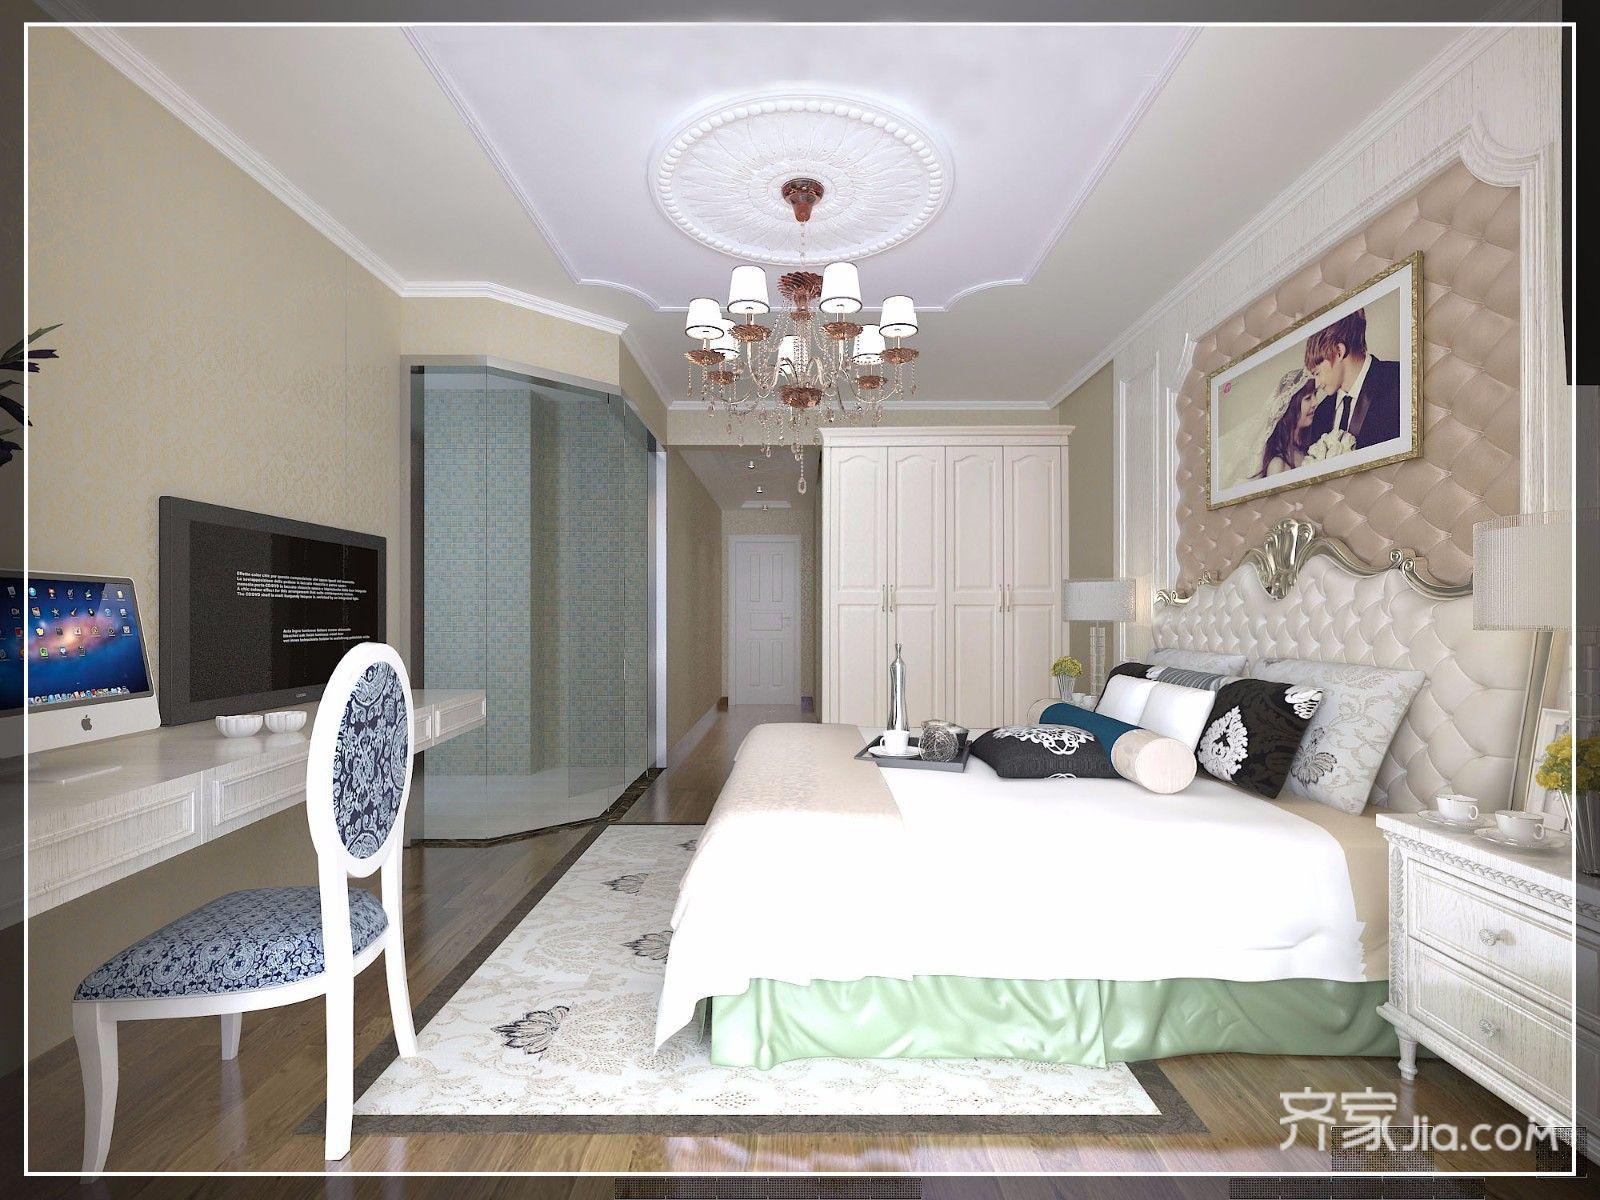 现代欧式风格四房卧室装修效果图